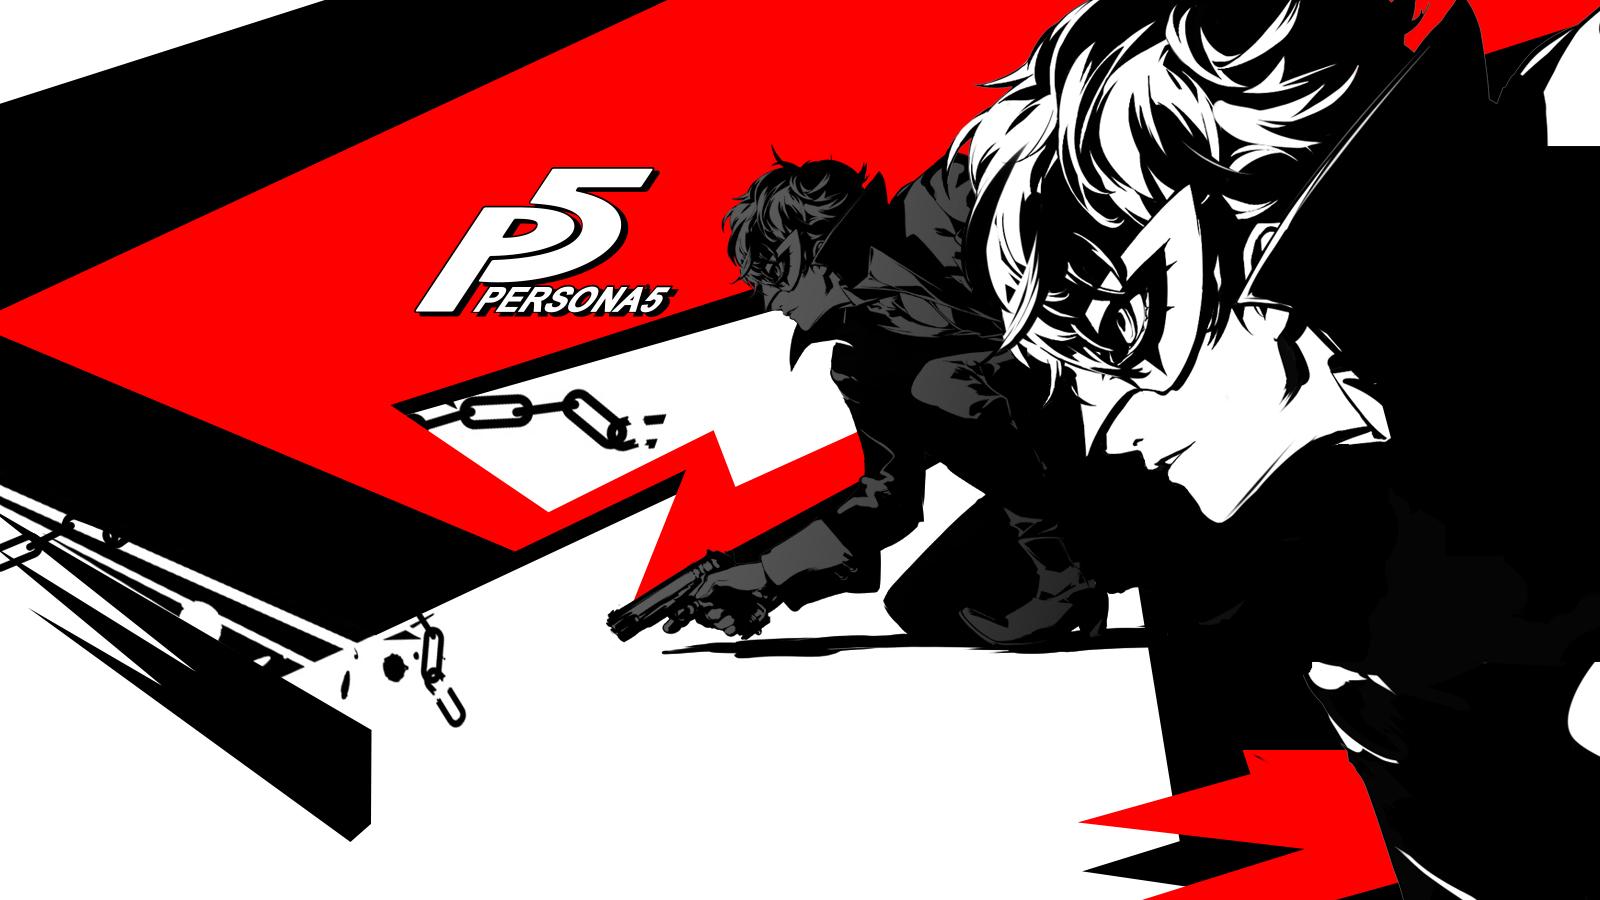 Trailer de Persona 5 realça o jogaço que é com qualidades e notas altas